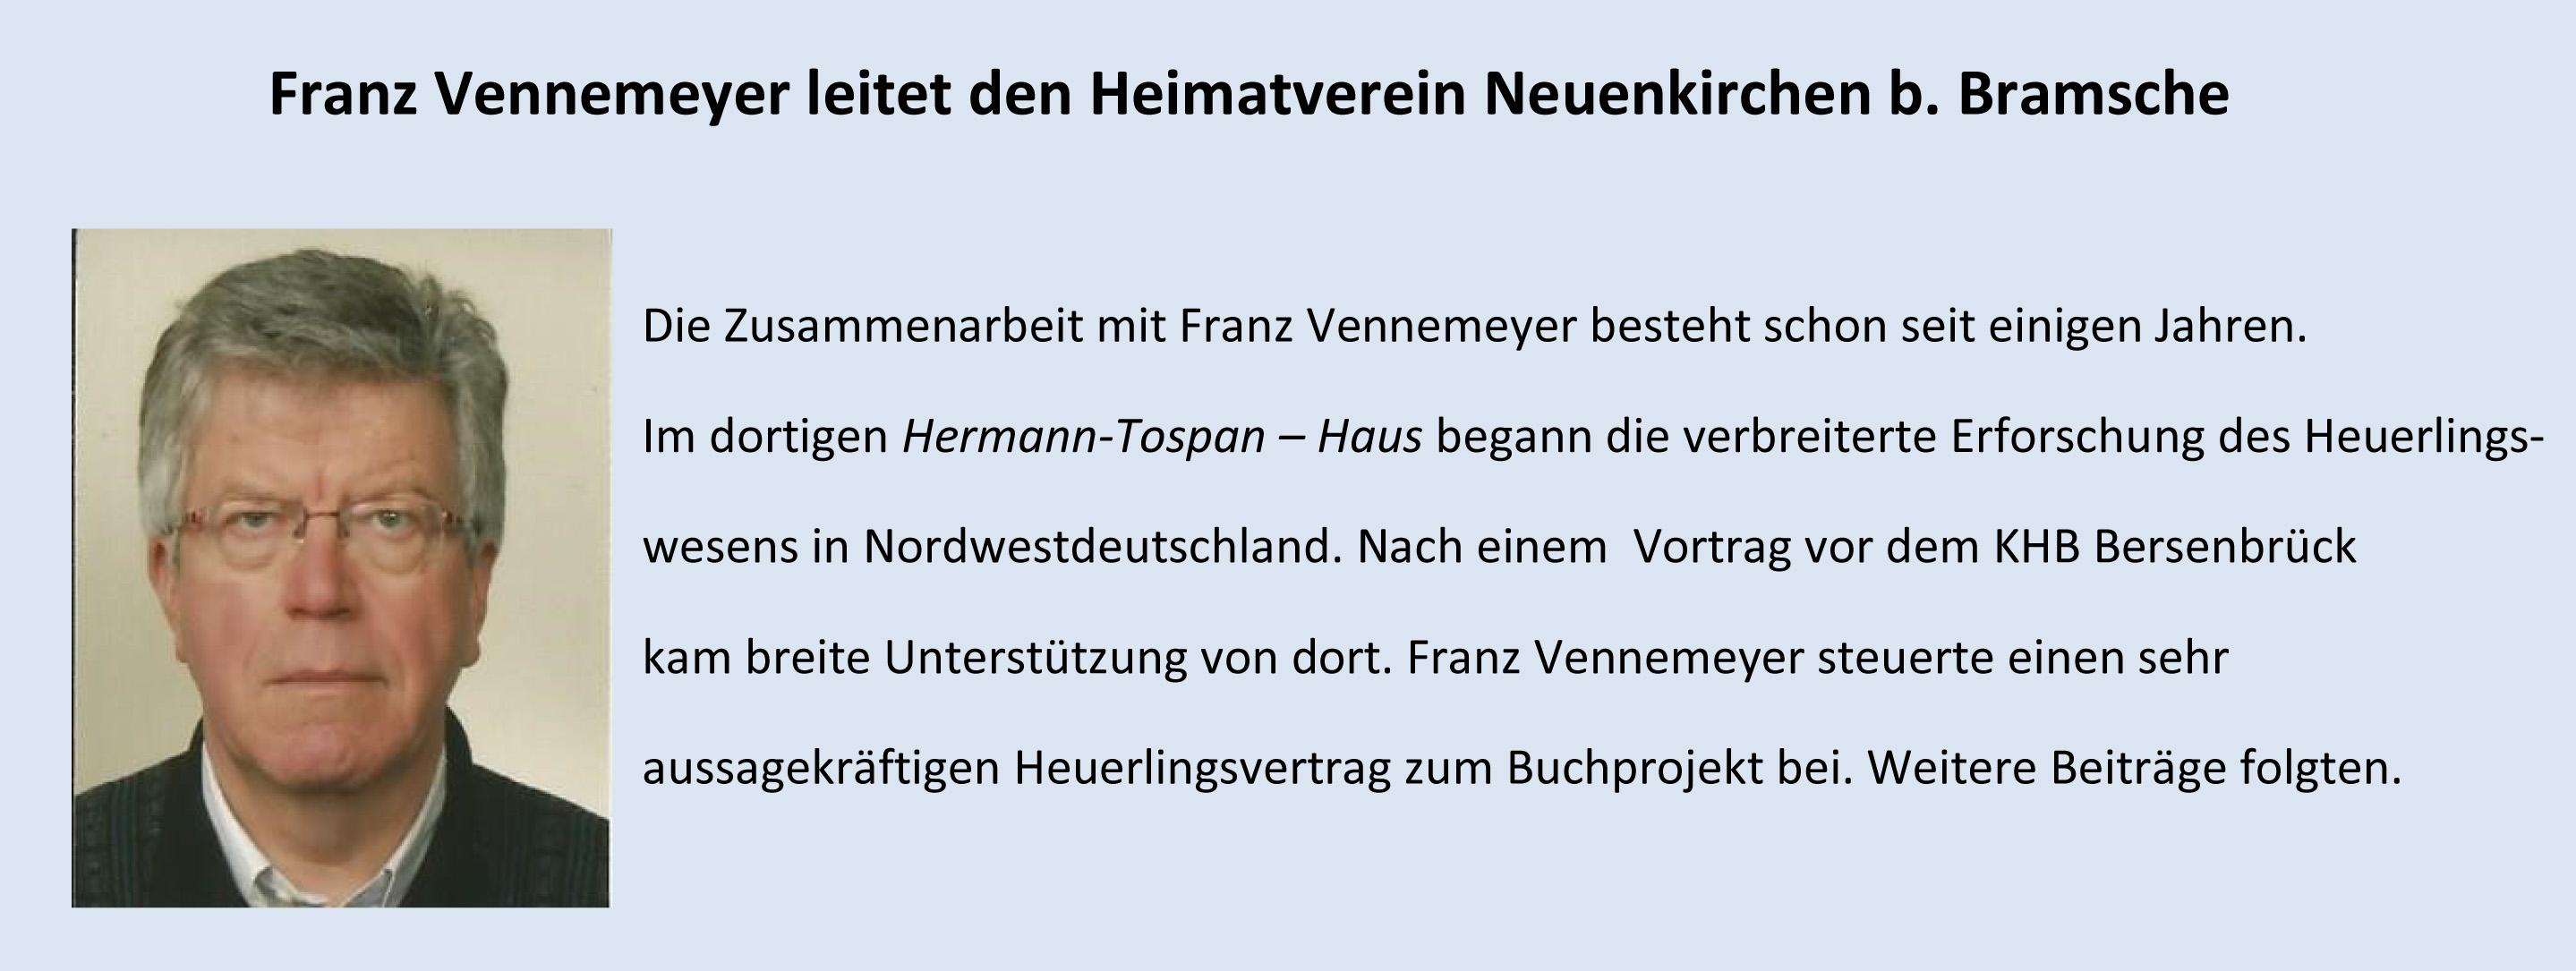 Dissertation Metamorphose Kafka